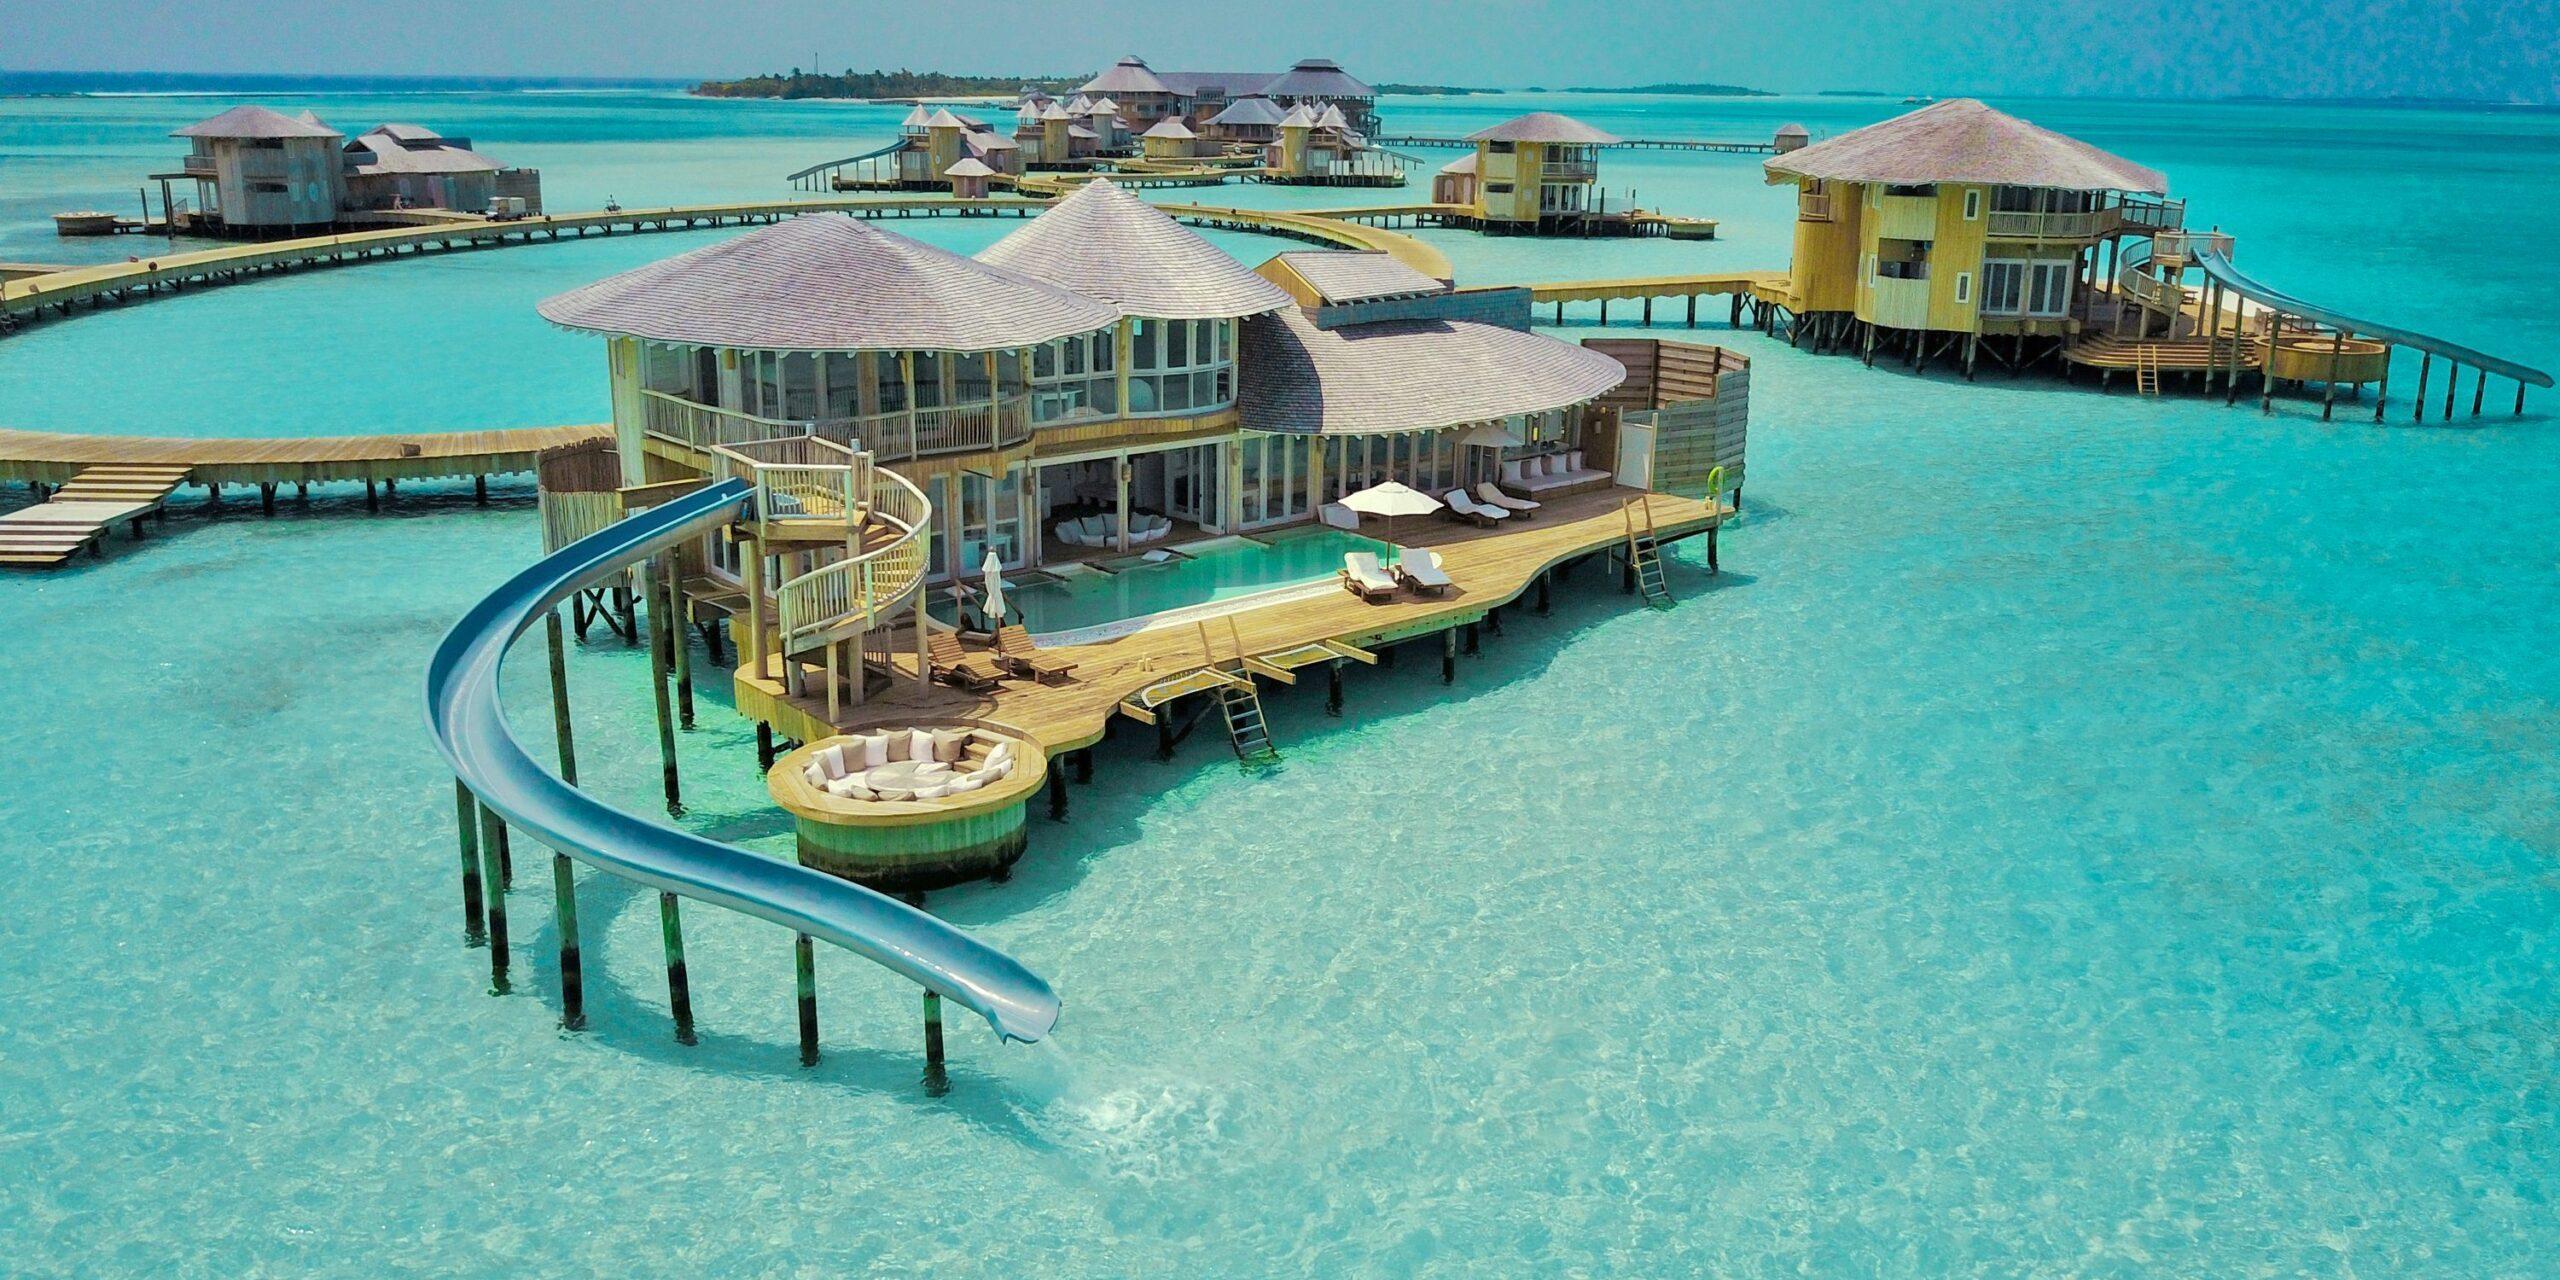 Reisen in Style Magazin - Malediven Bucketlist - Soneva Jani